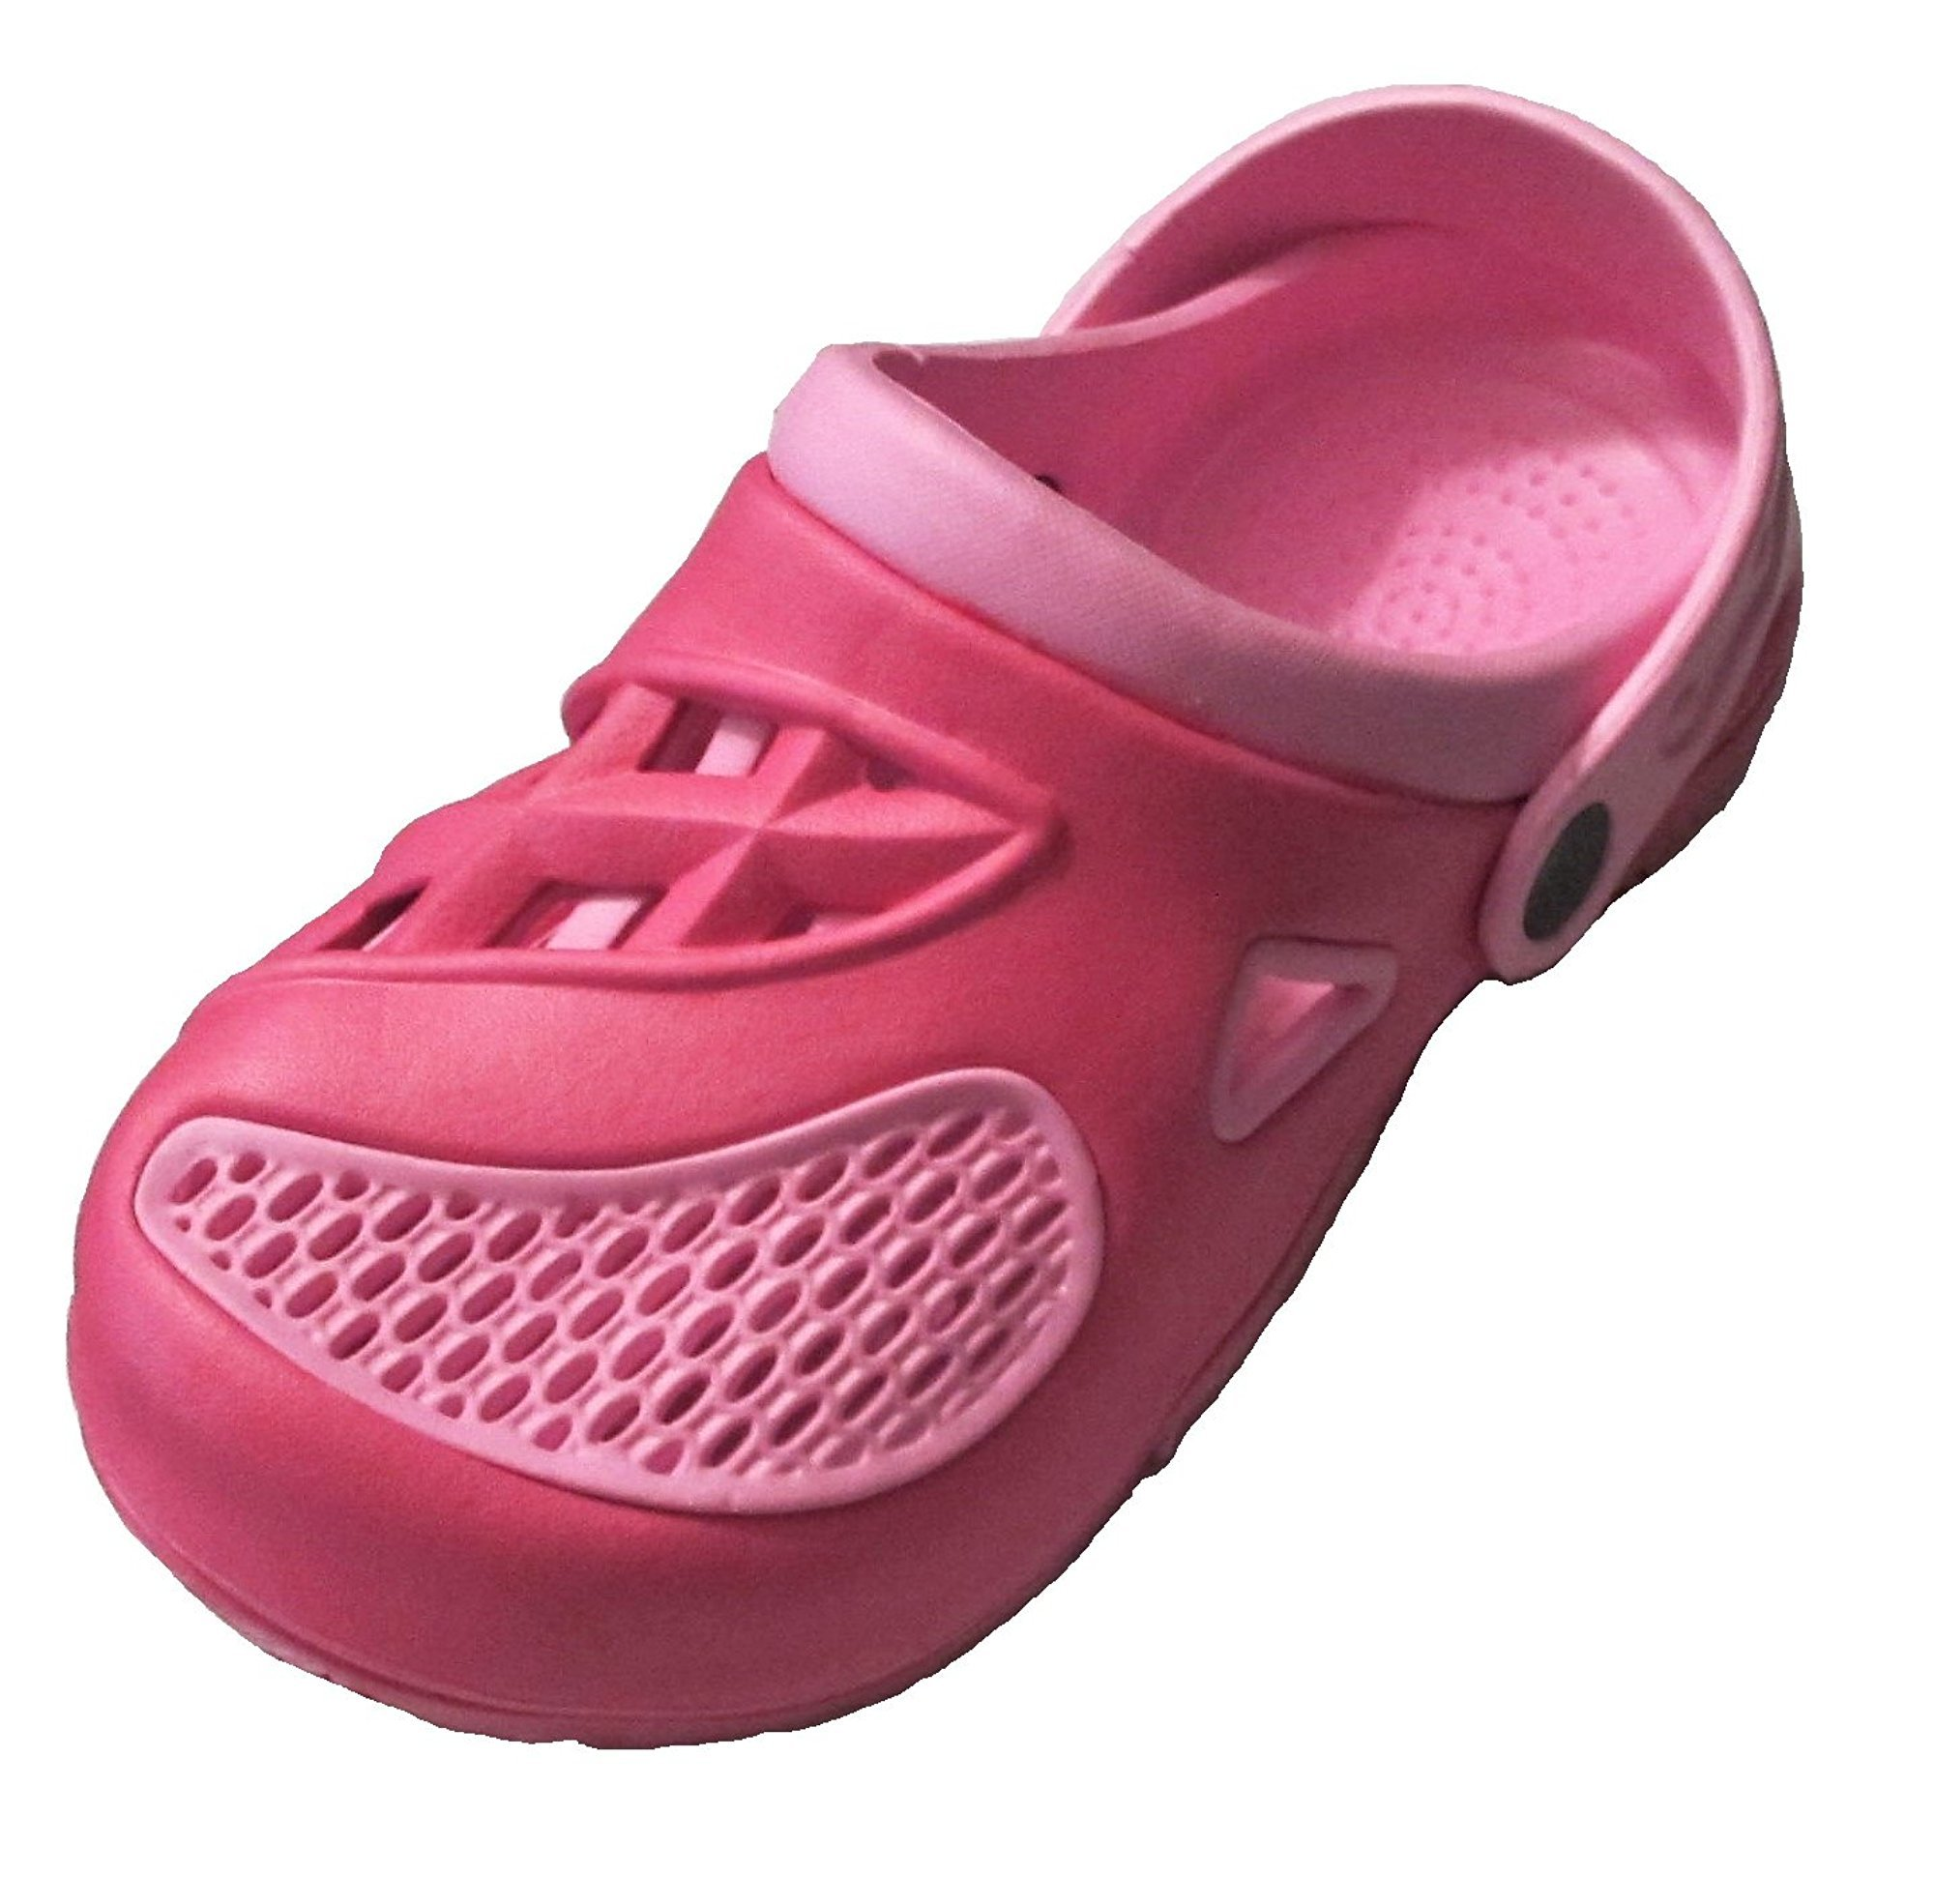 LIFEGUARD Brand Pink All Terrain Clogs (11/12)